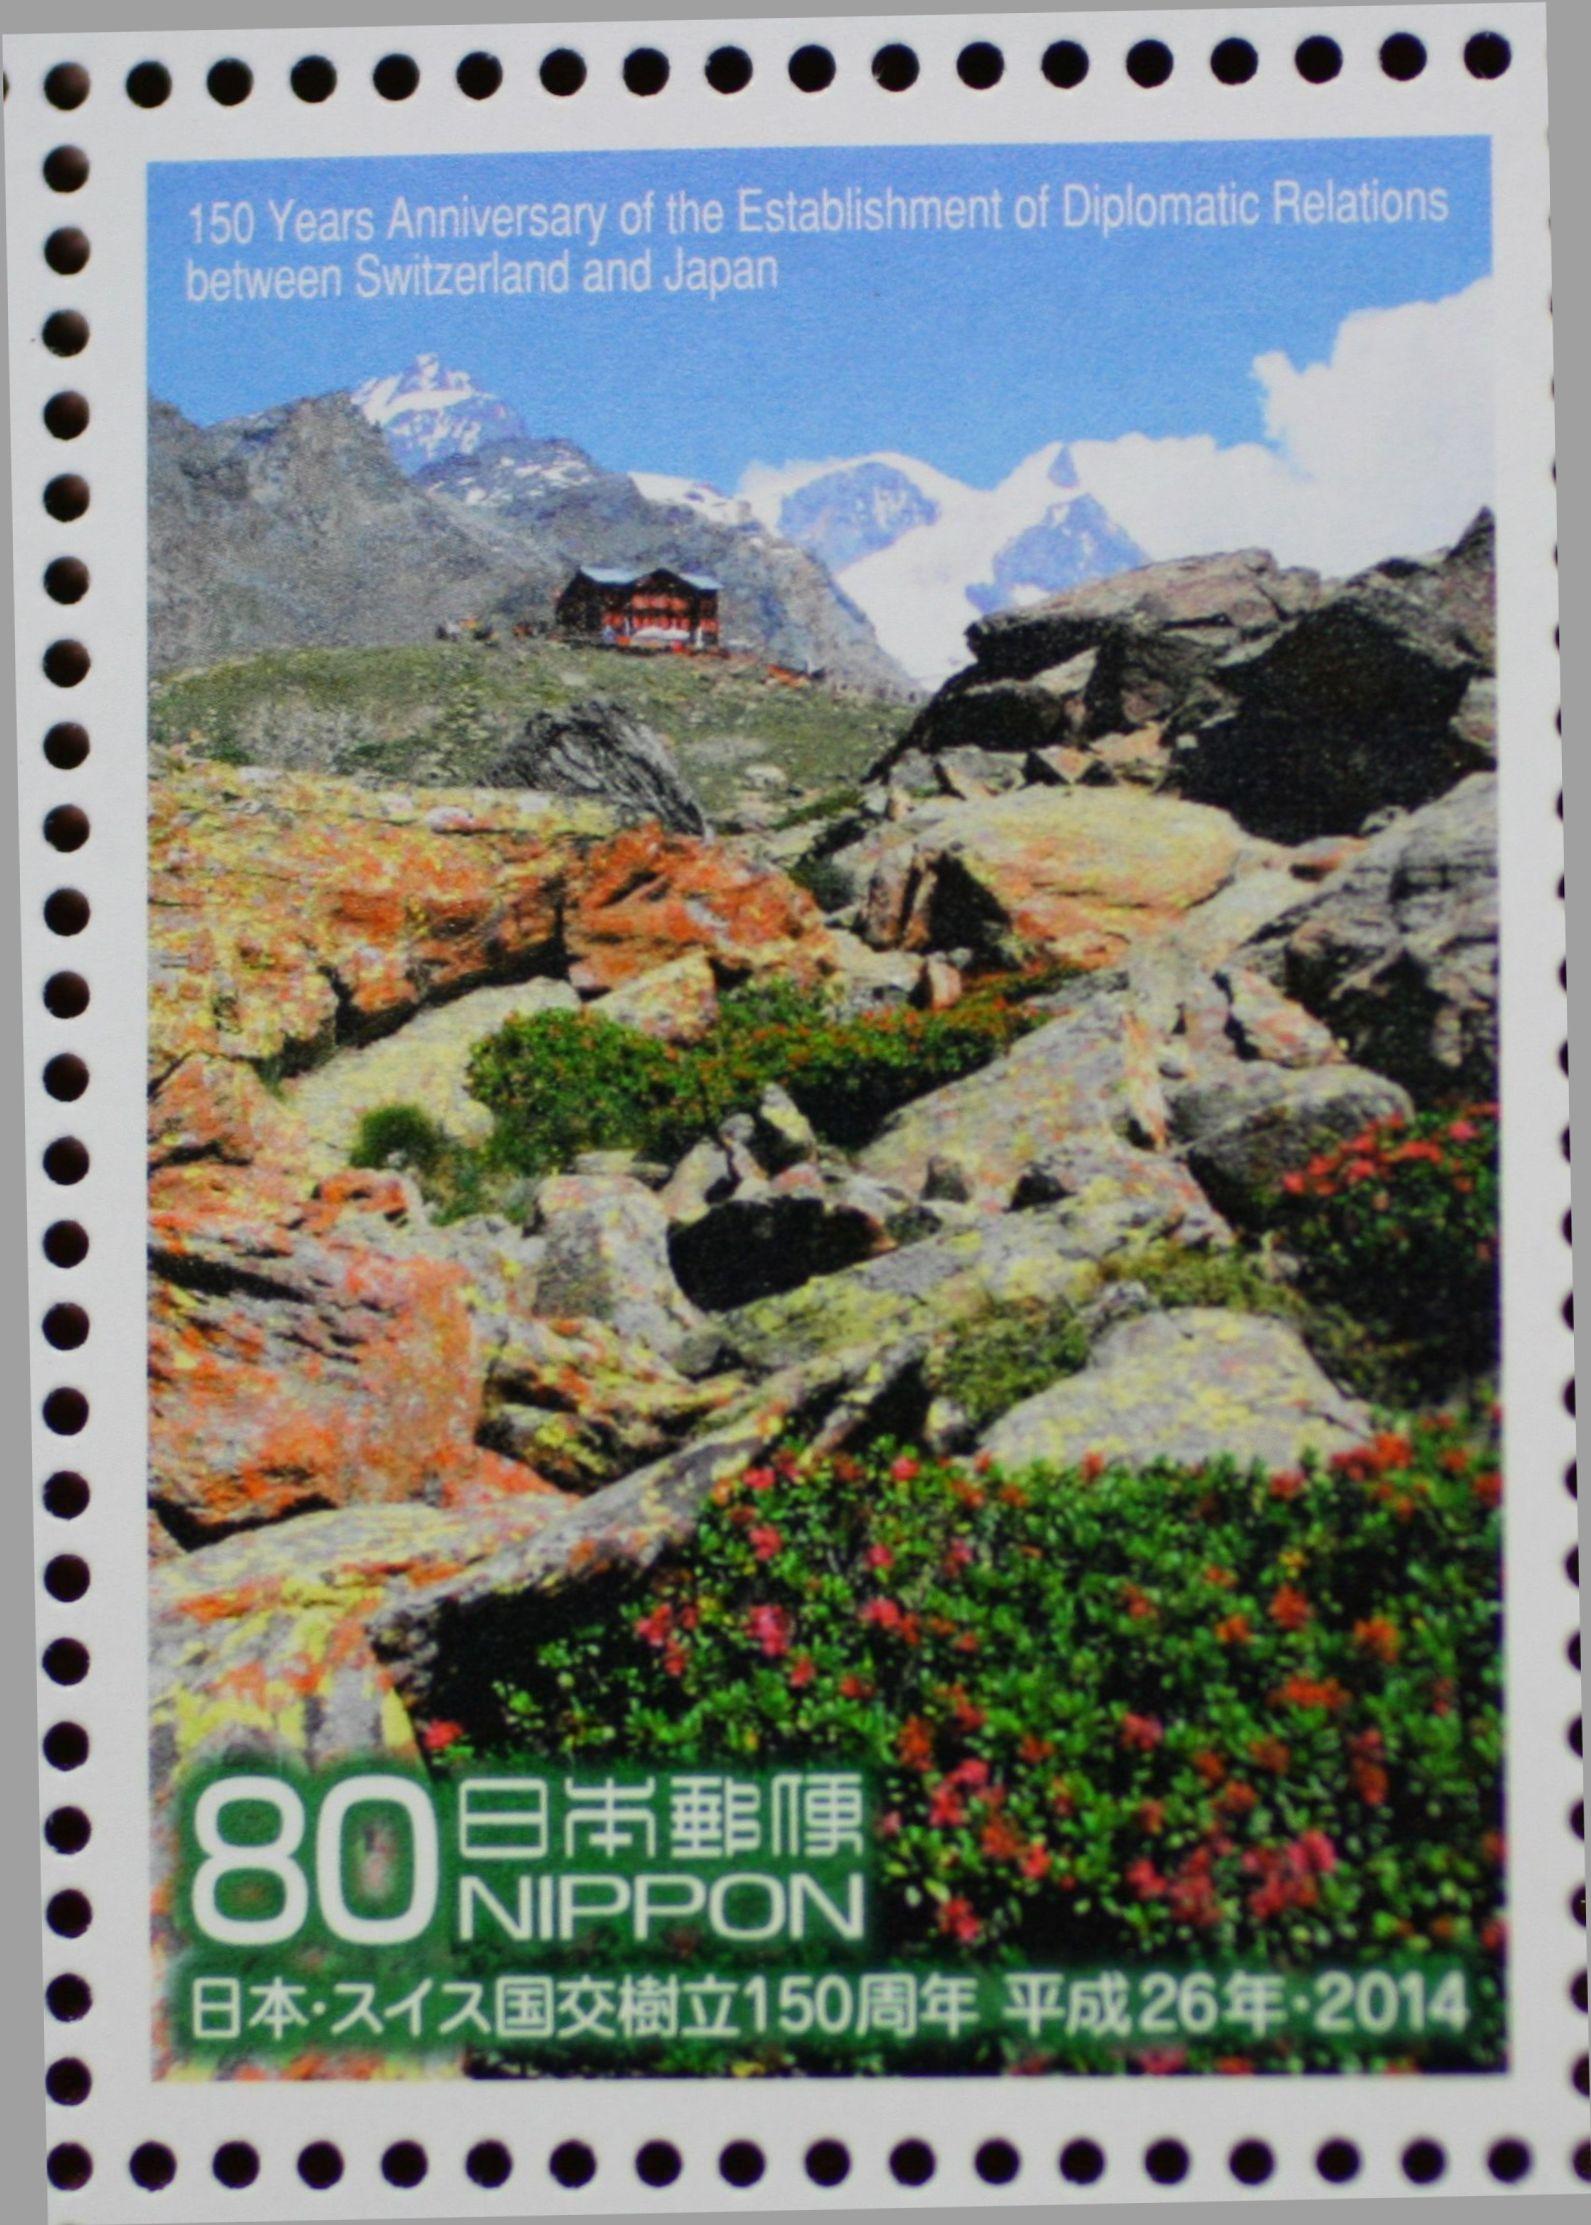 日本・スイス国交樹立150周年・記念切手_a0138609_20434826.jpg